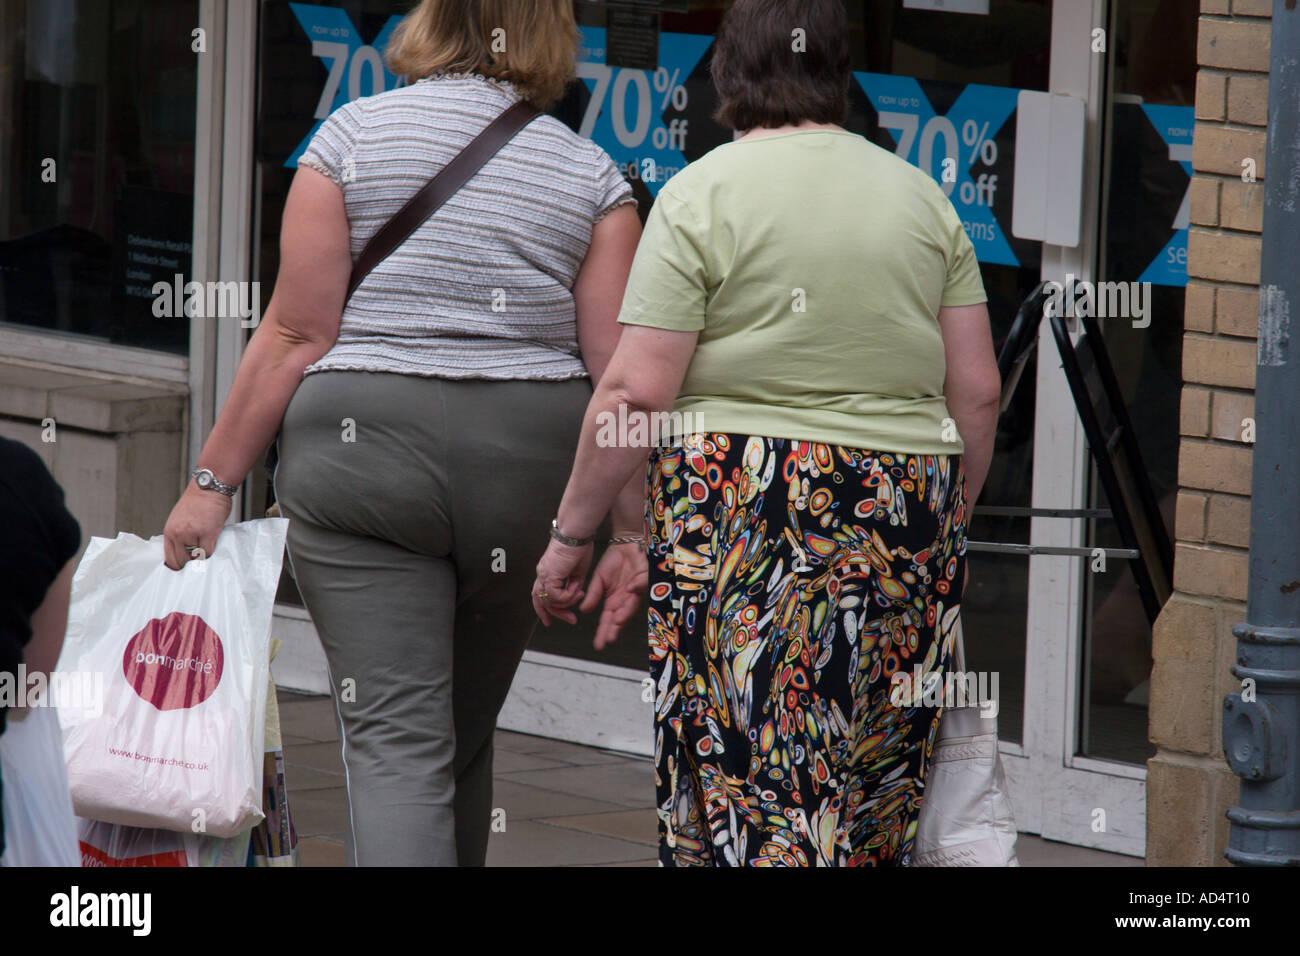 Fat Bum Stock Photos Amp Fat Bum Stock Images Alamy